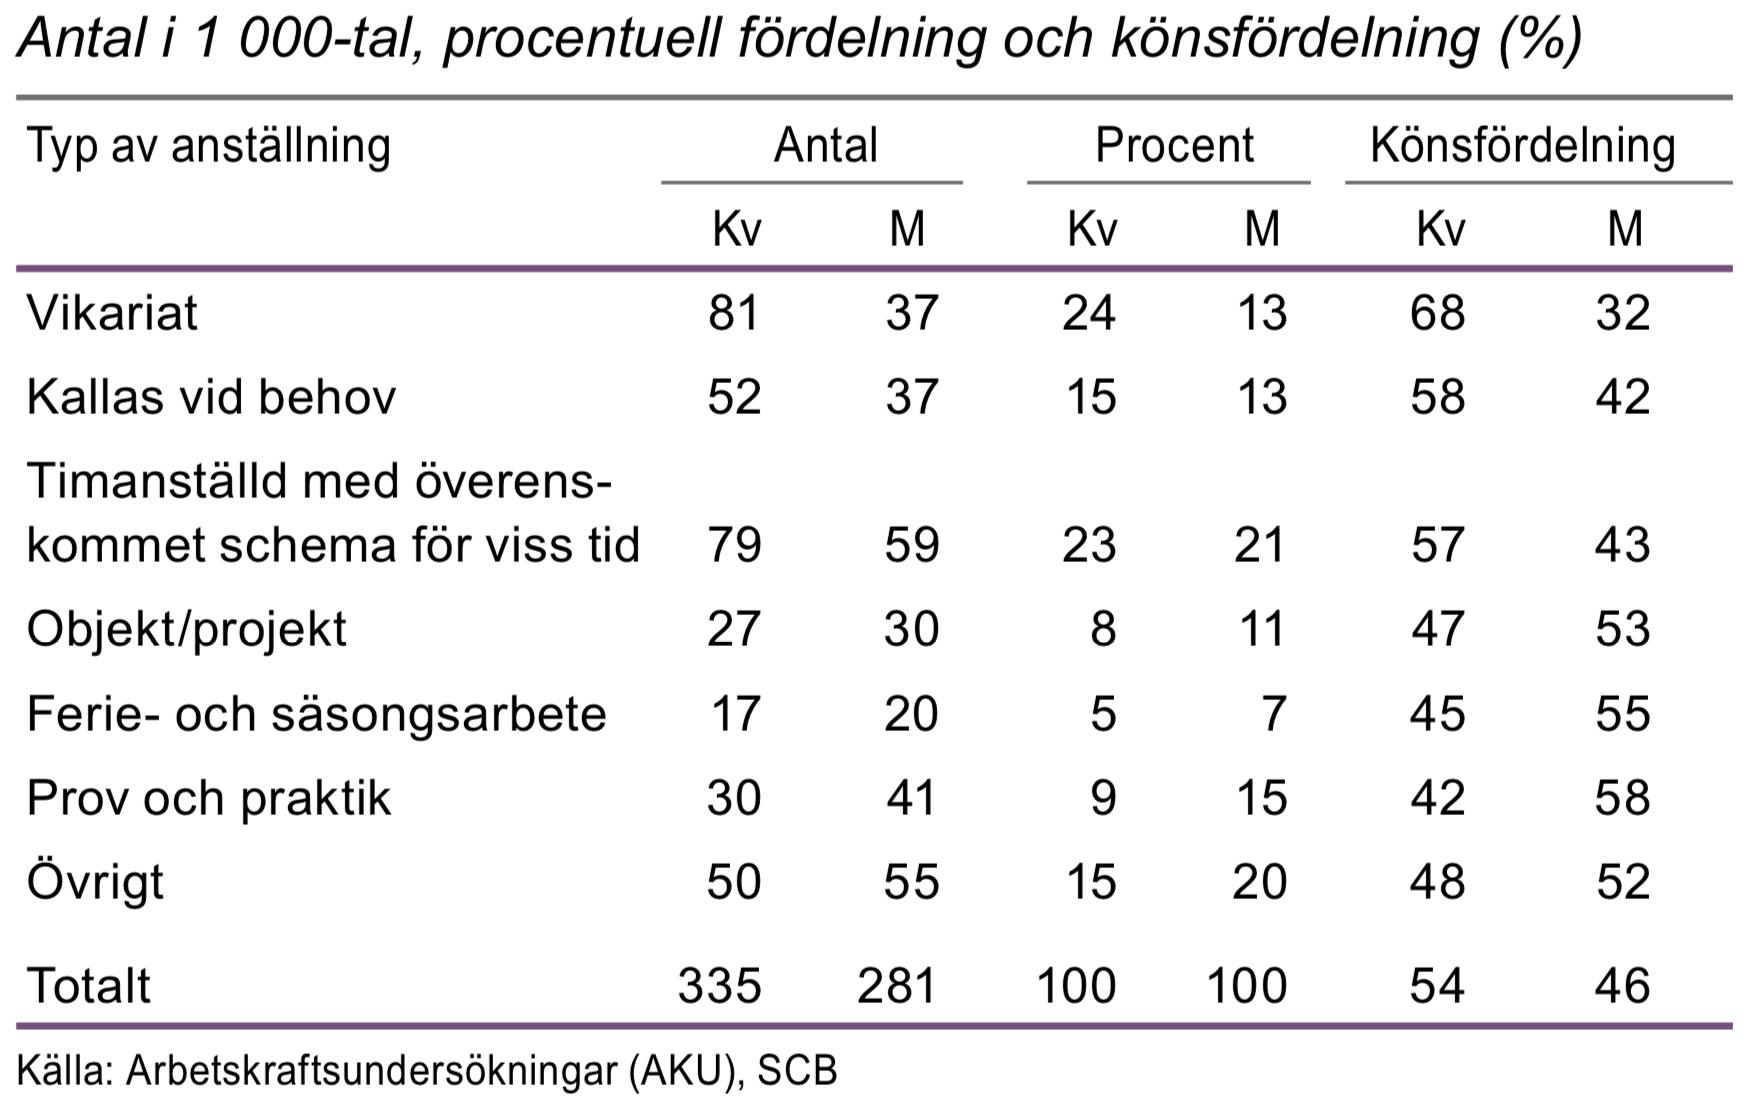 Tidsbegränsat anställda i åldern 20-64 år efter typ av anställning 2015